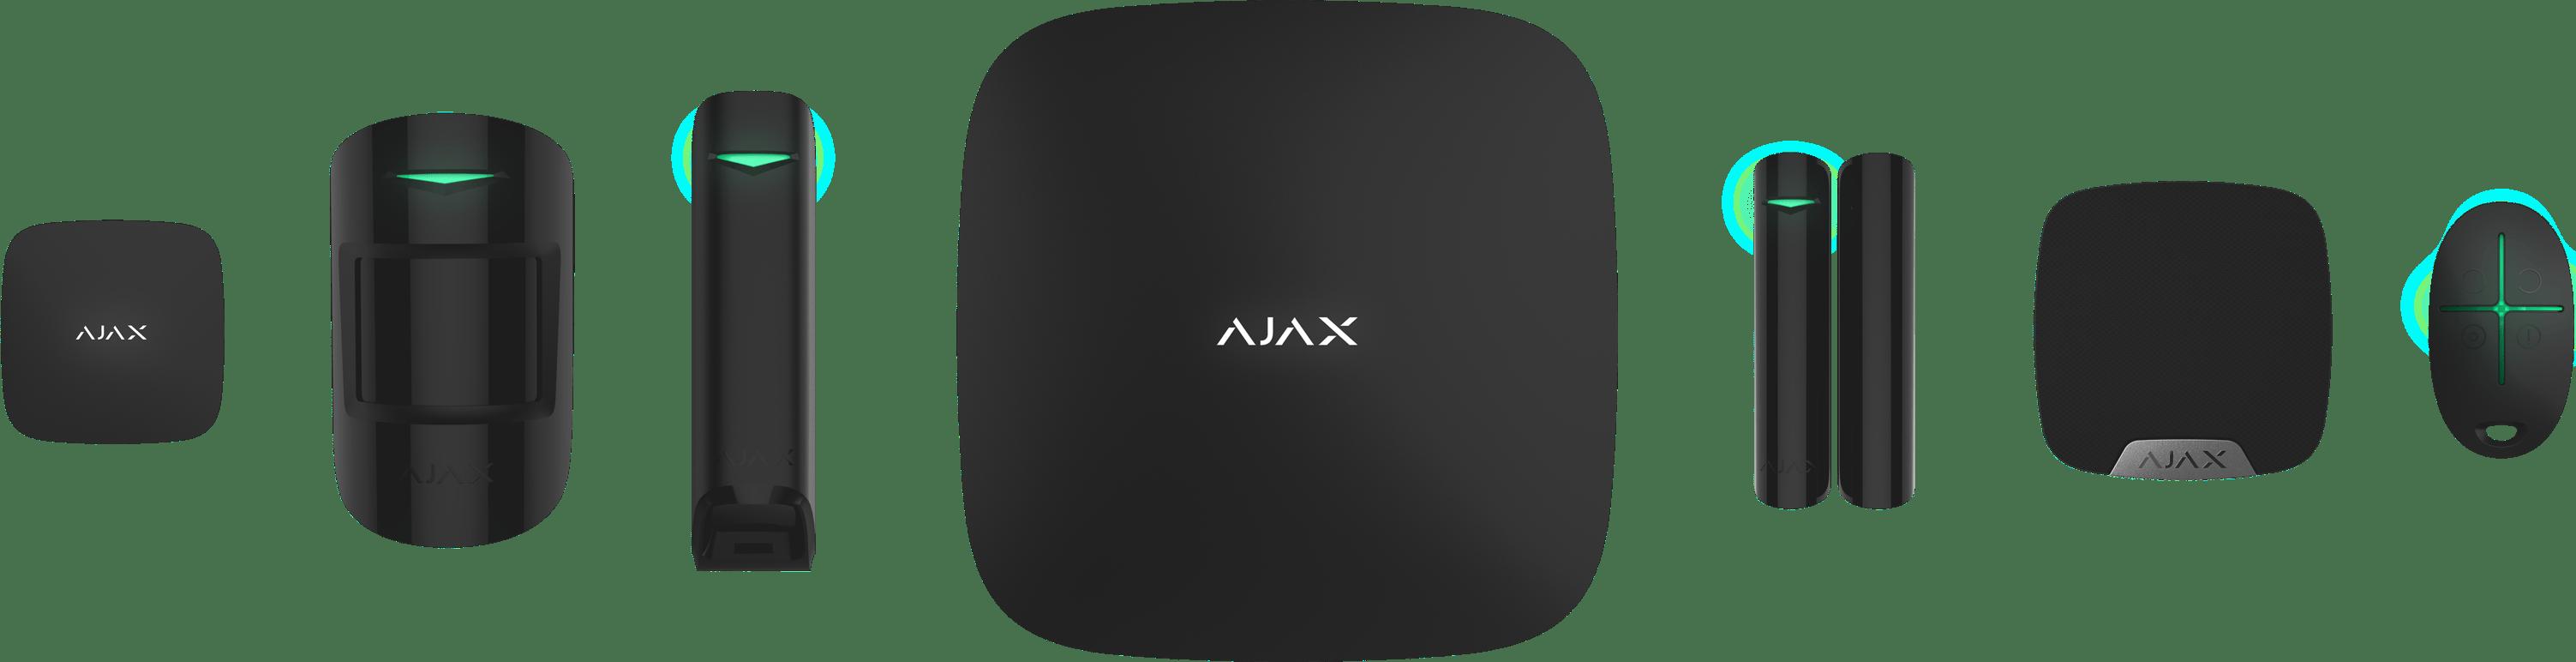 Bežični alarmni sustav Ajax uređaji